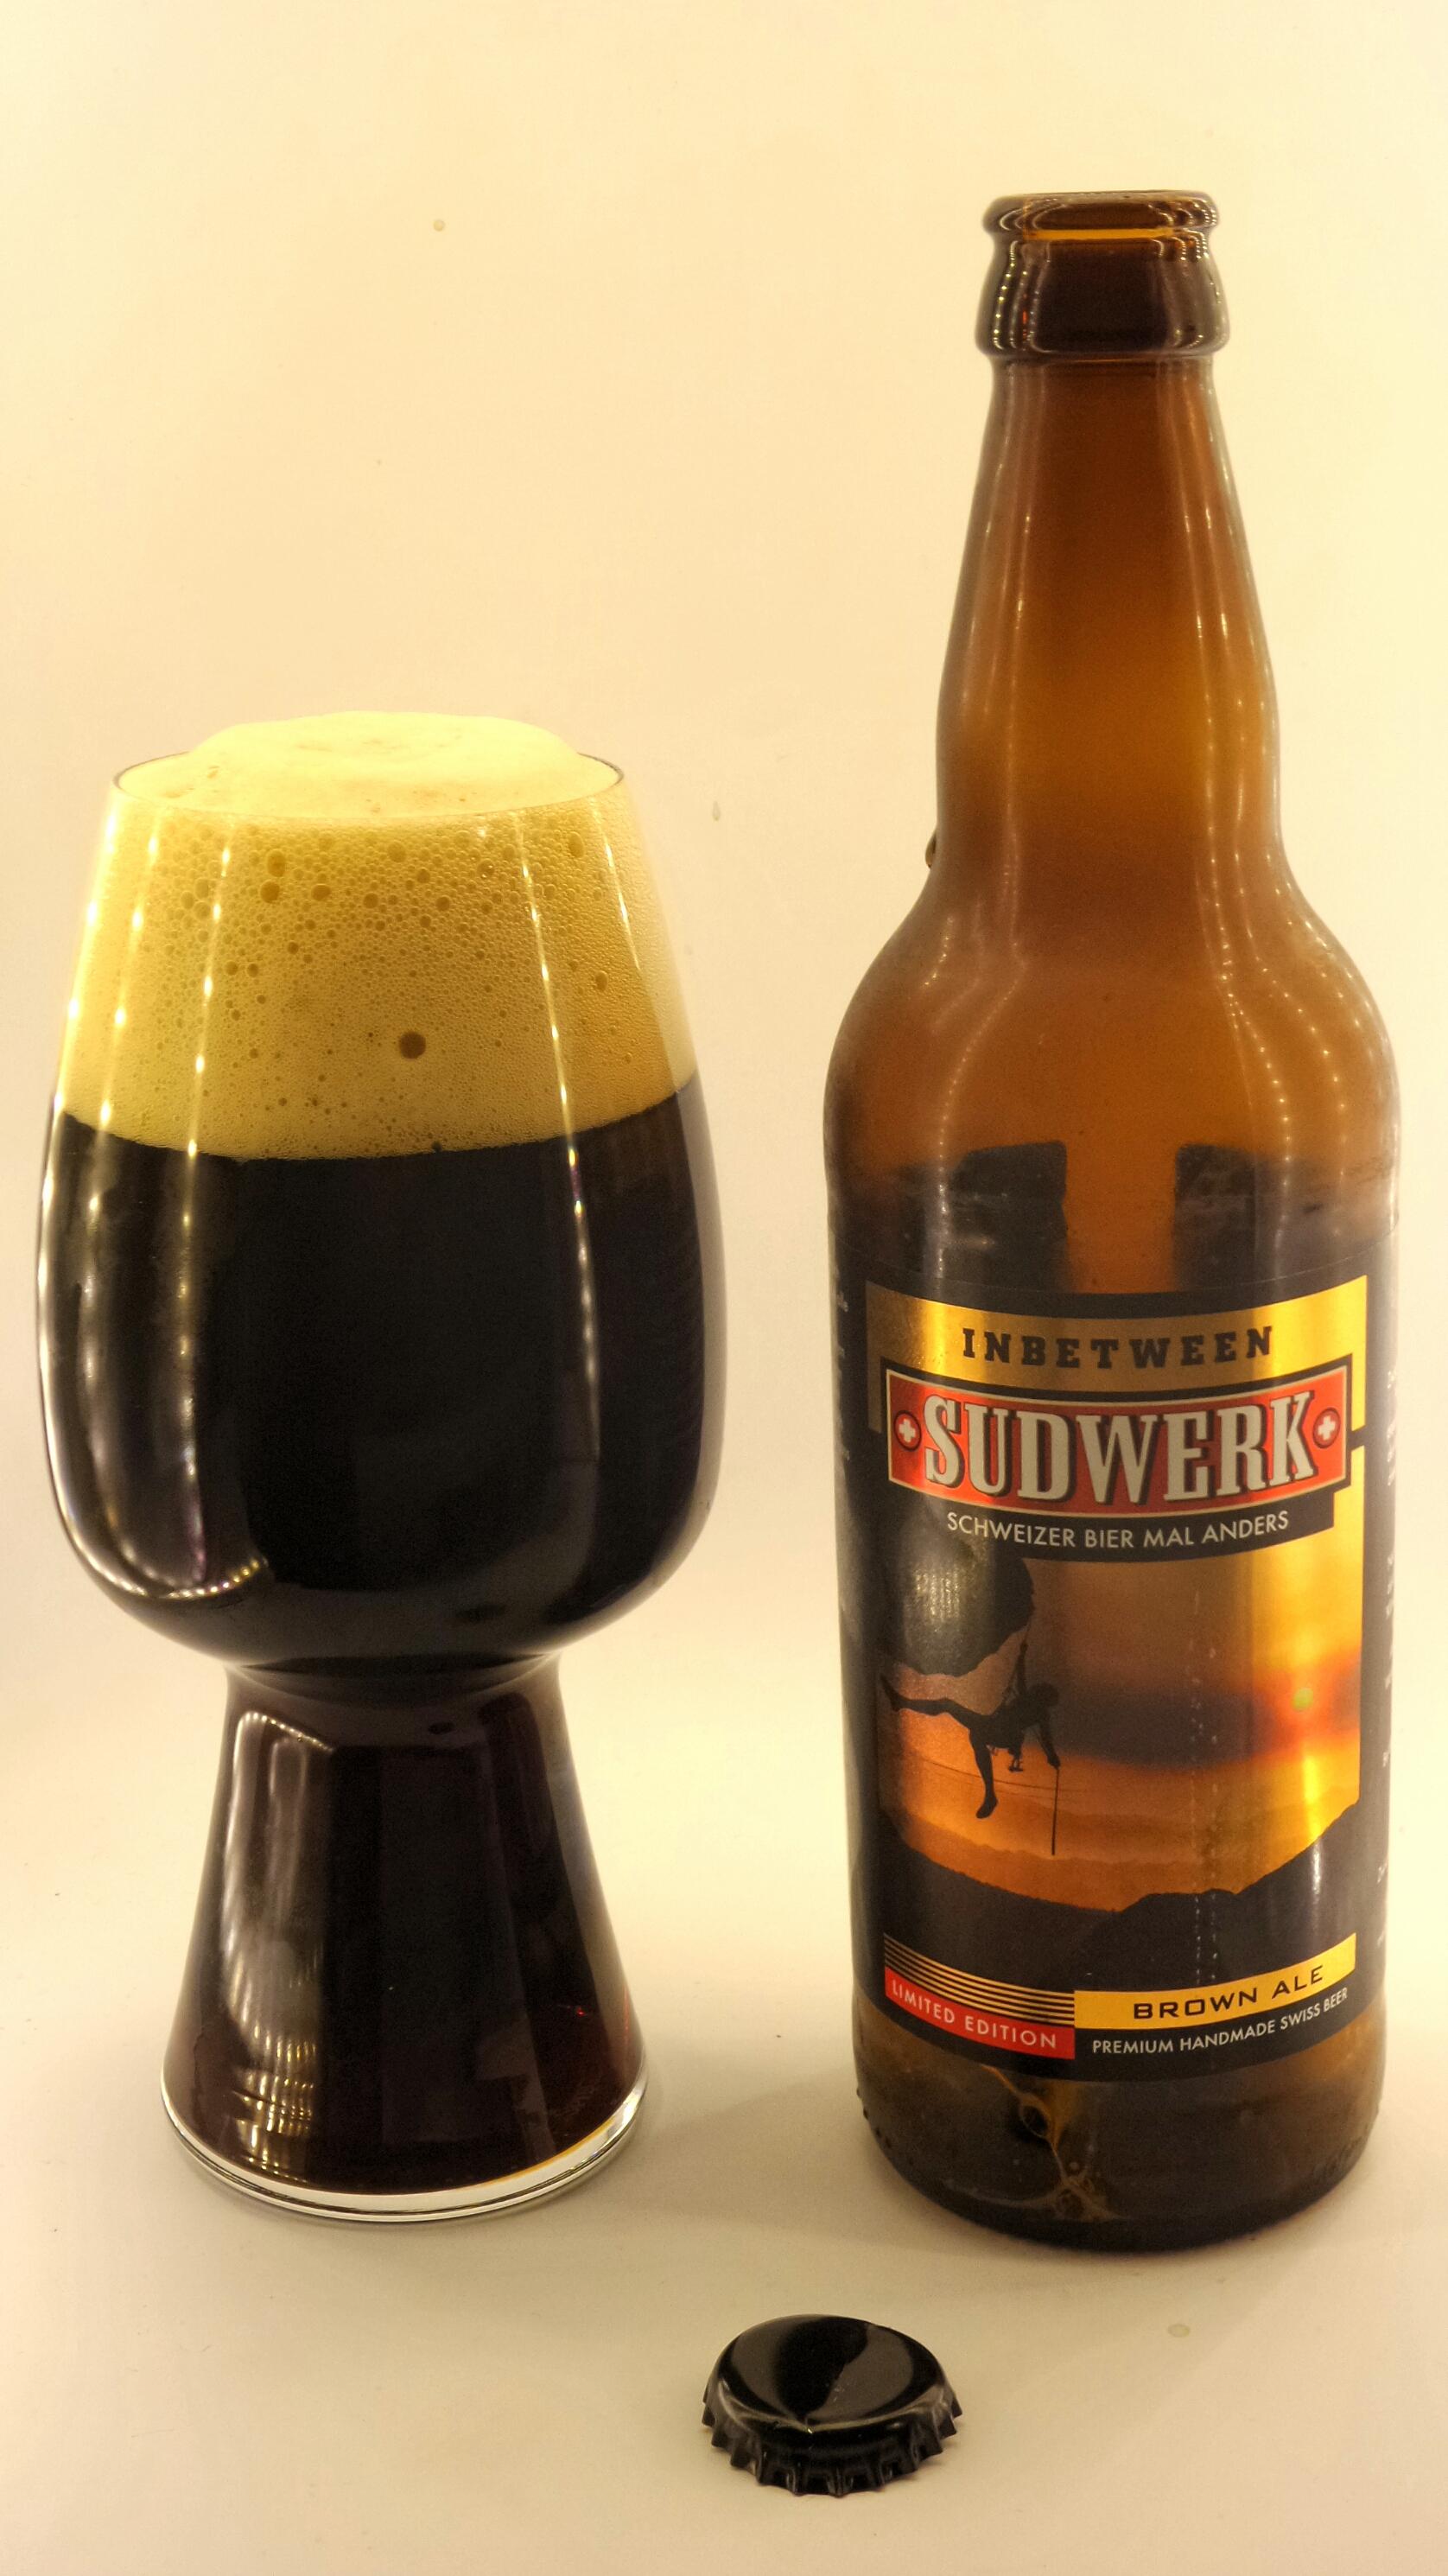 Sudwerk In Between Brown Ale